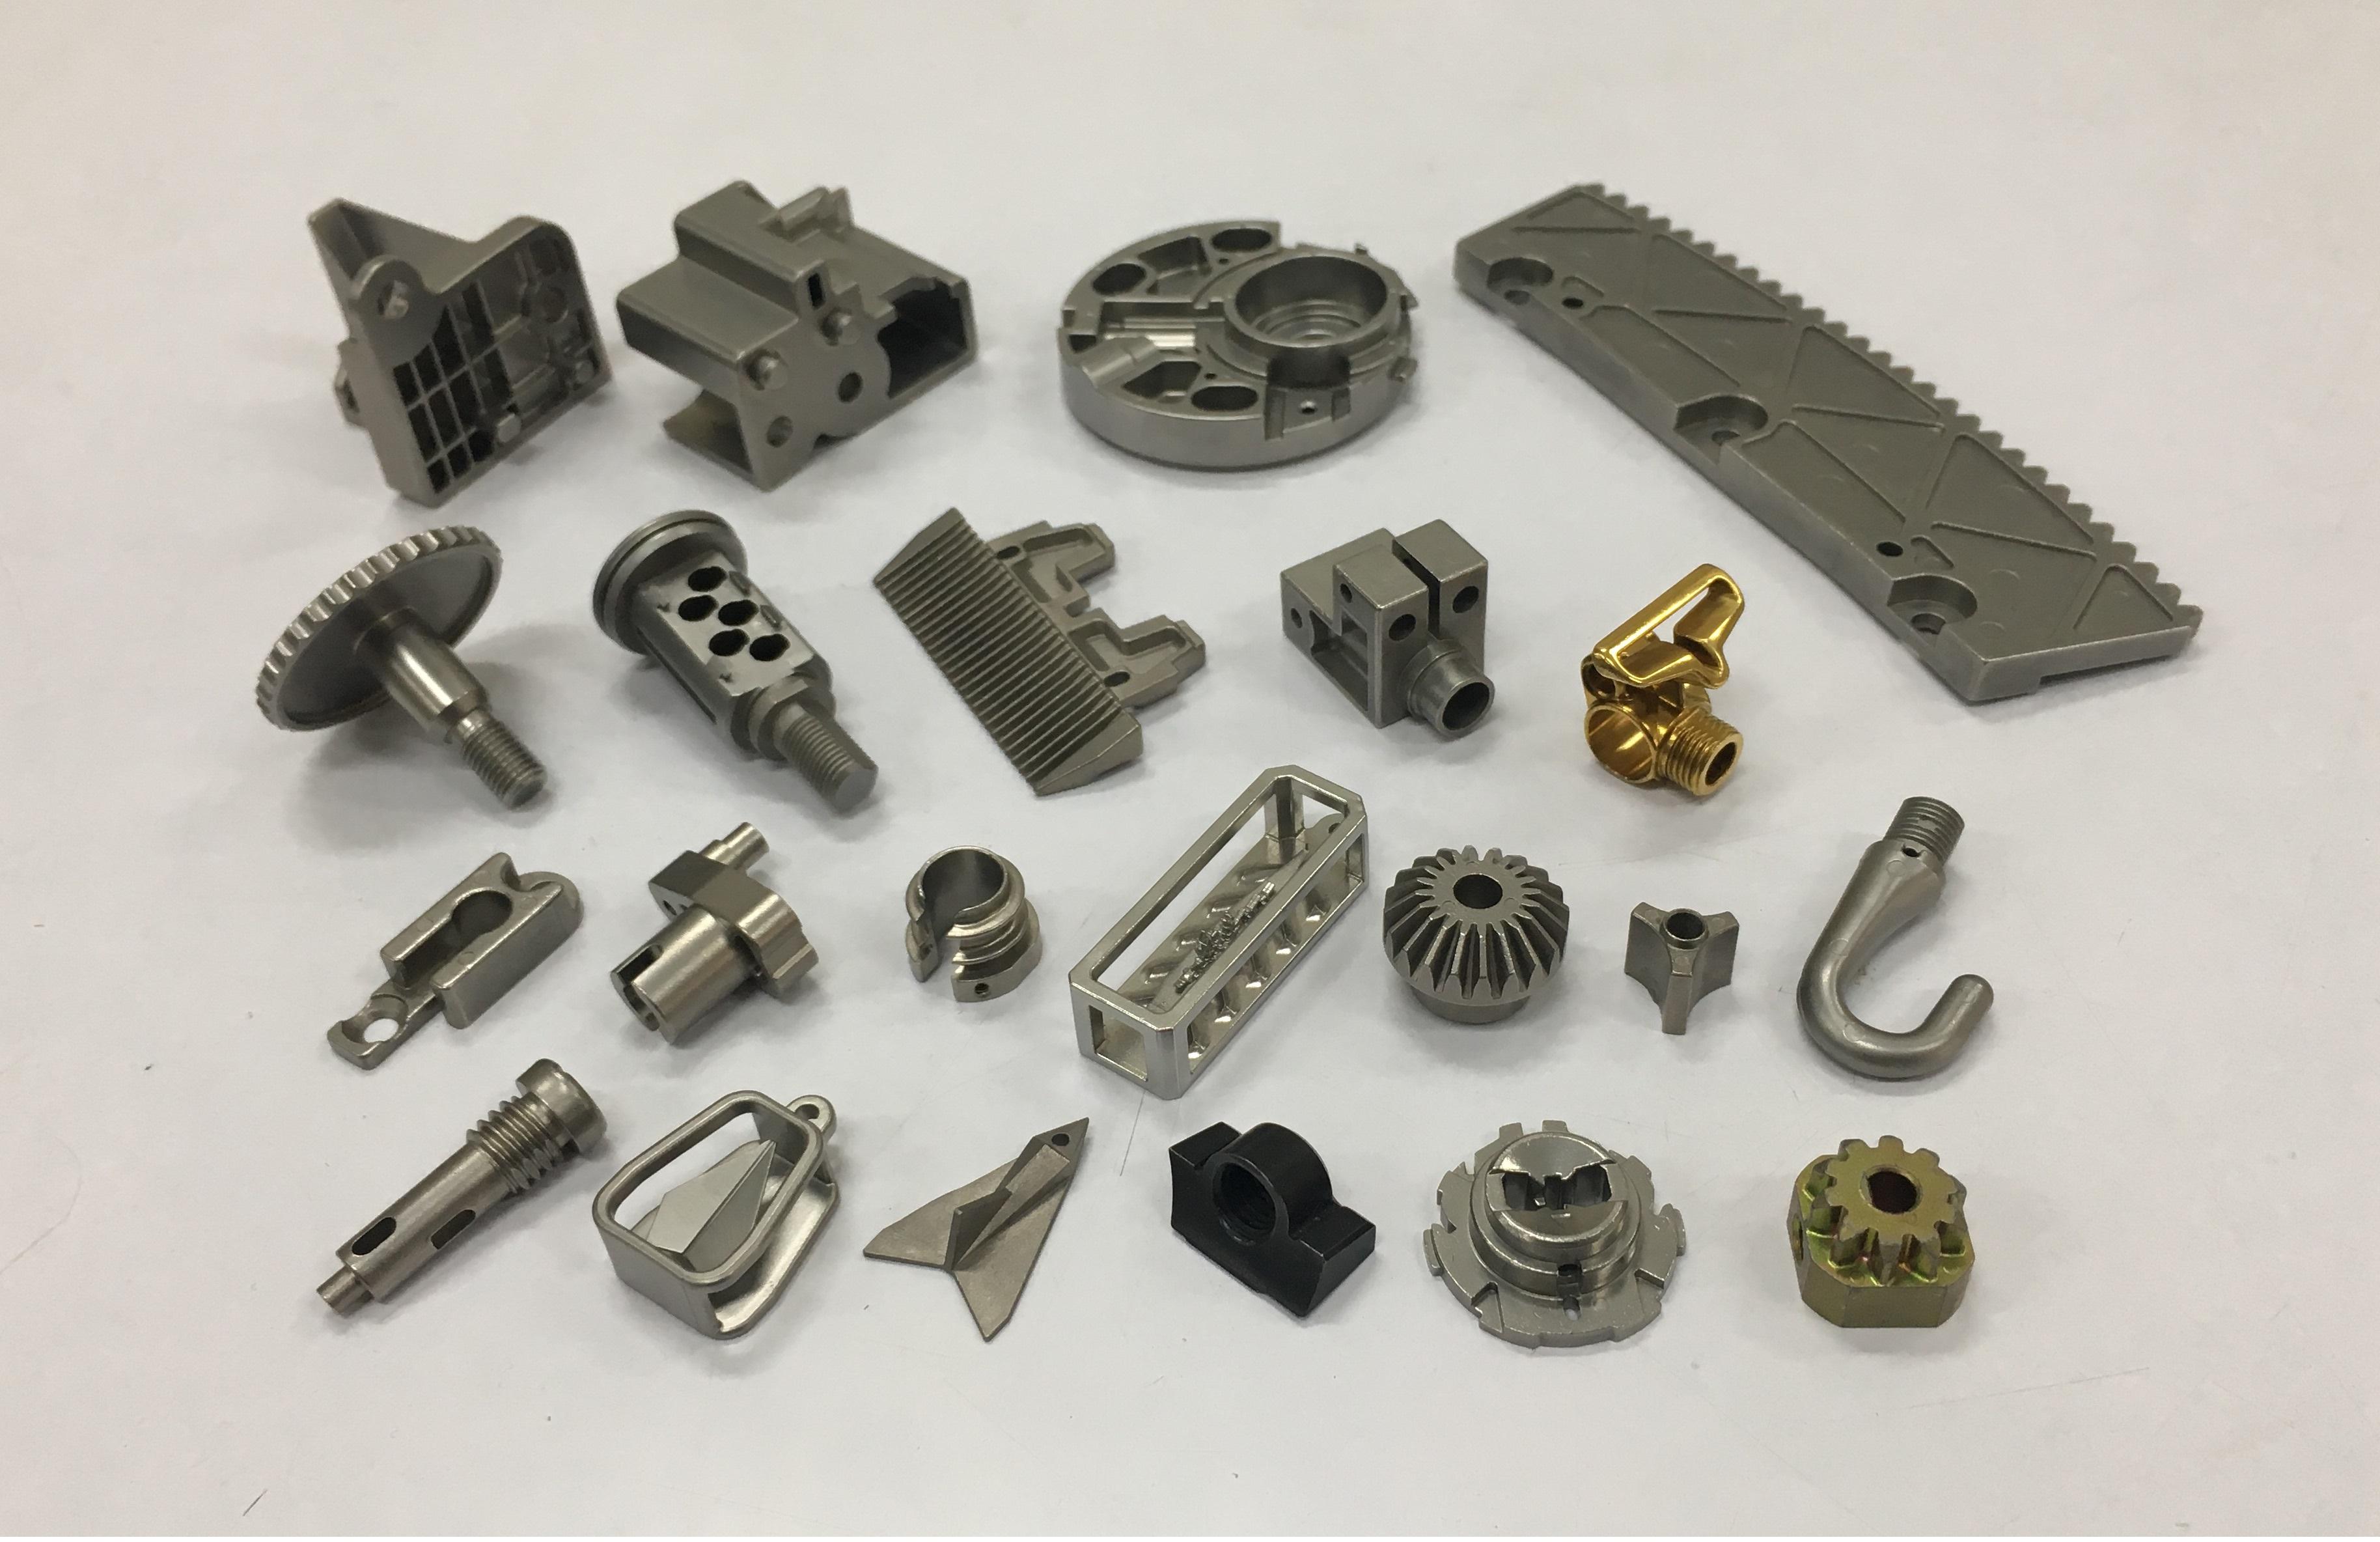 金属粉末射出成型部品 (MIM)